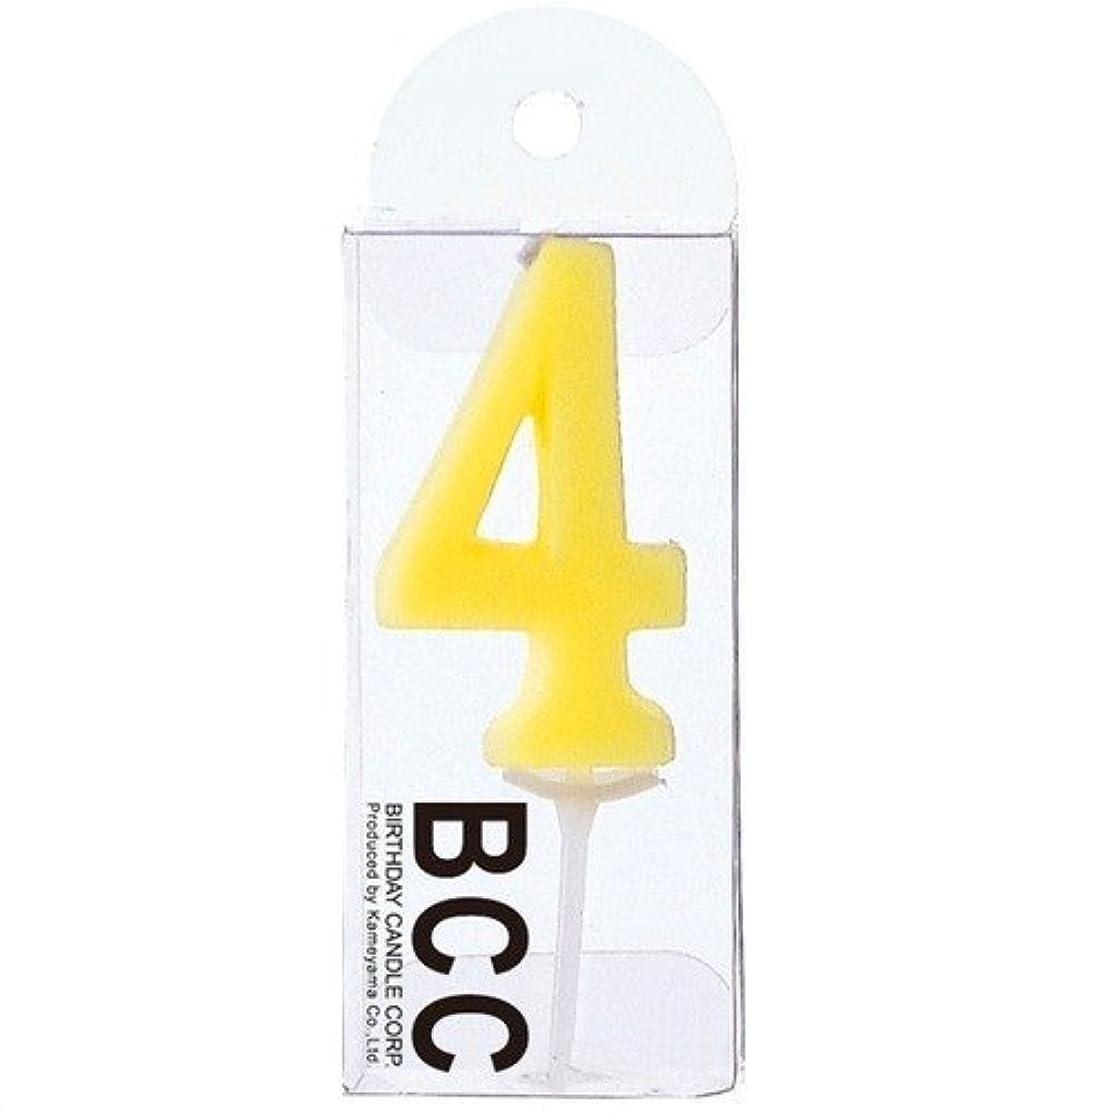 課税ブルームうぬぼれたナンバーキャンドルパステル4番 「 アイボリー 」 3個セット